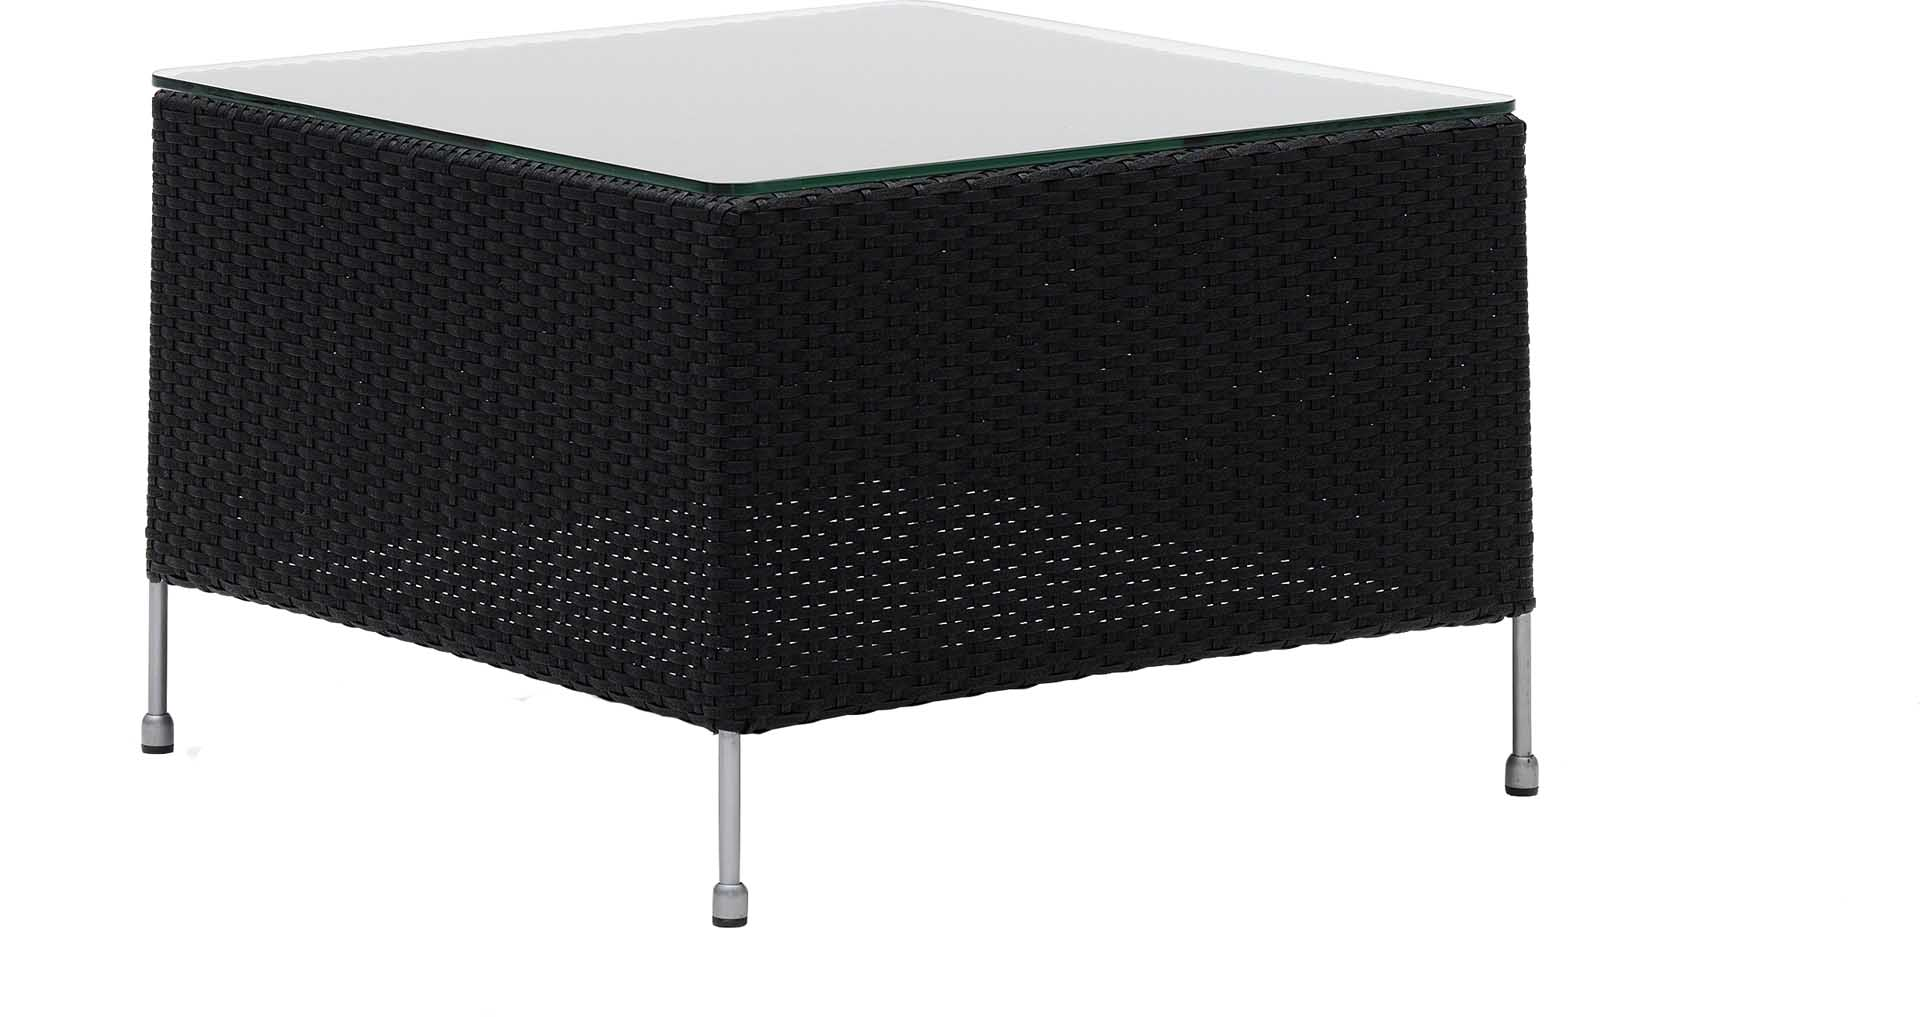 Table basse carrée en acier et fibre synthétique noire